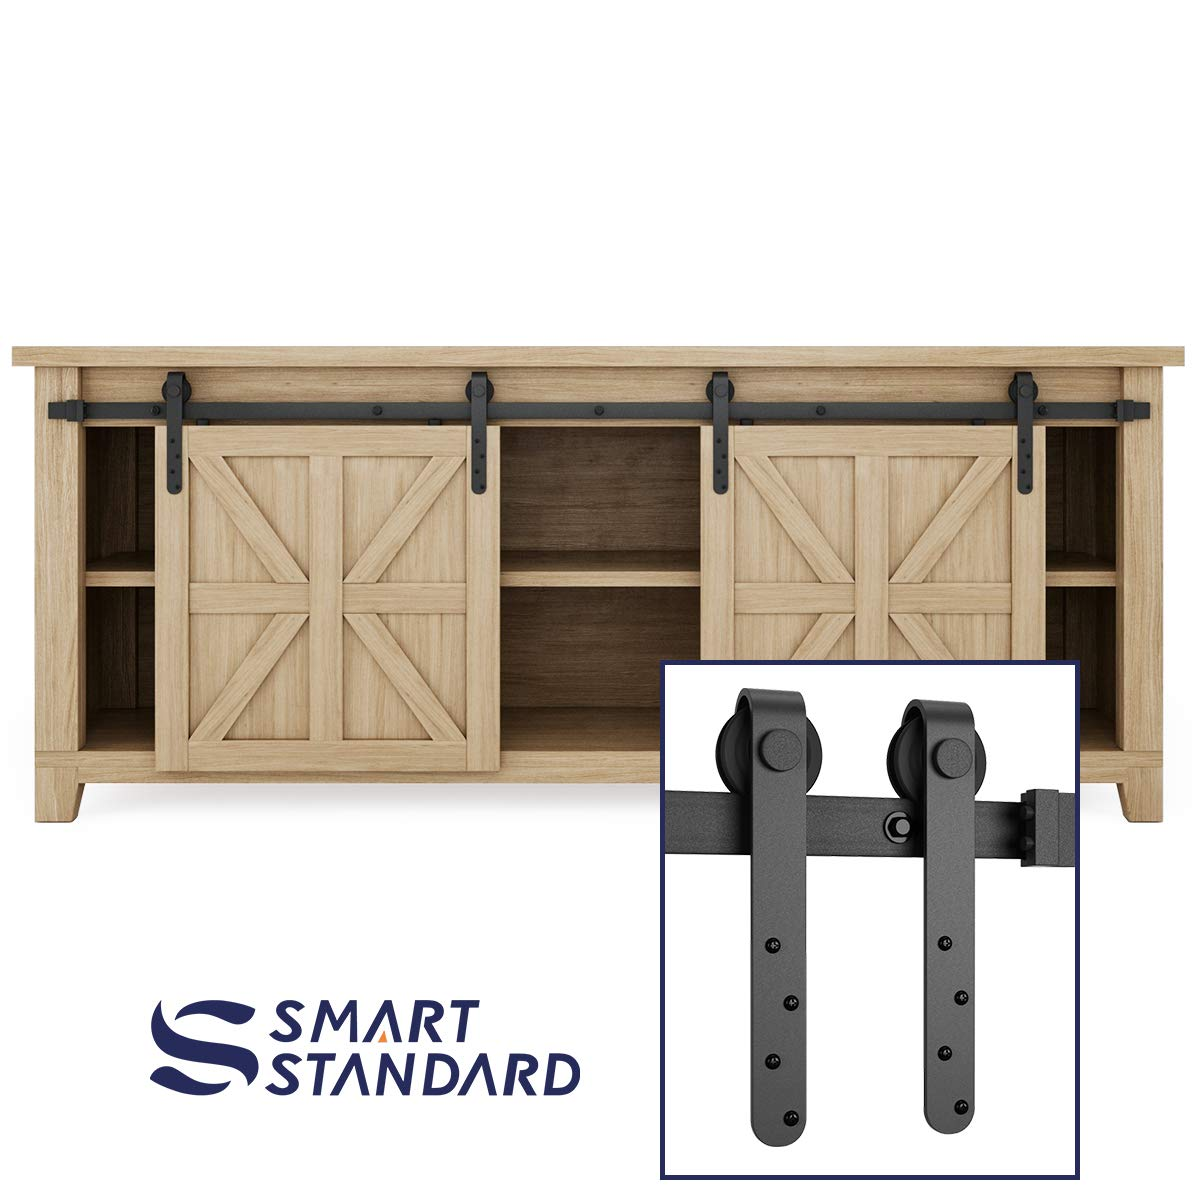 7ft Double Door Cabinet Barn Door Hardware Kit- Mini Sliding Door Hardware - for Cabinet TV Stand - Simple and Easy to Install - Fit 28'' Wide Door Panel (No Cabinet) (Mini J Longer Shape Hangers)